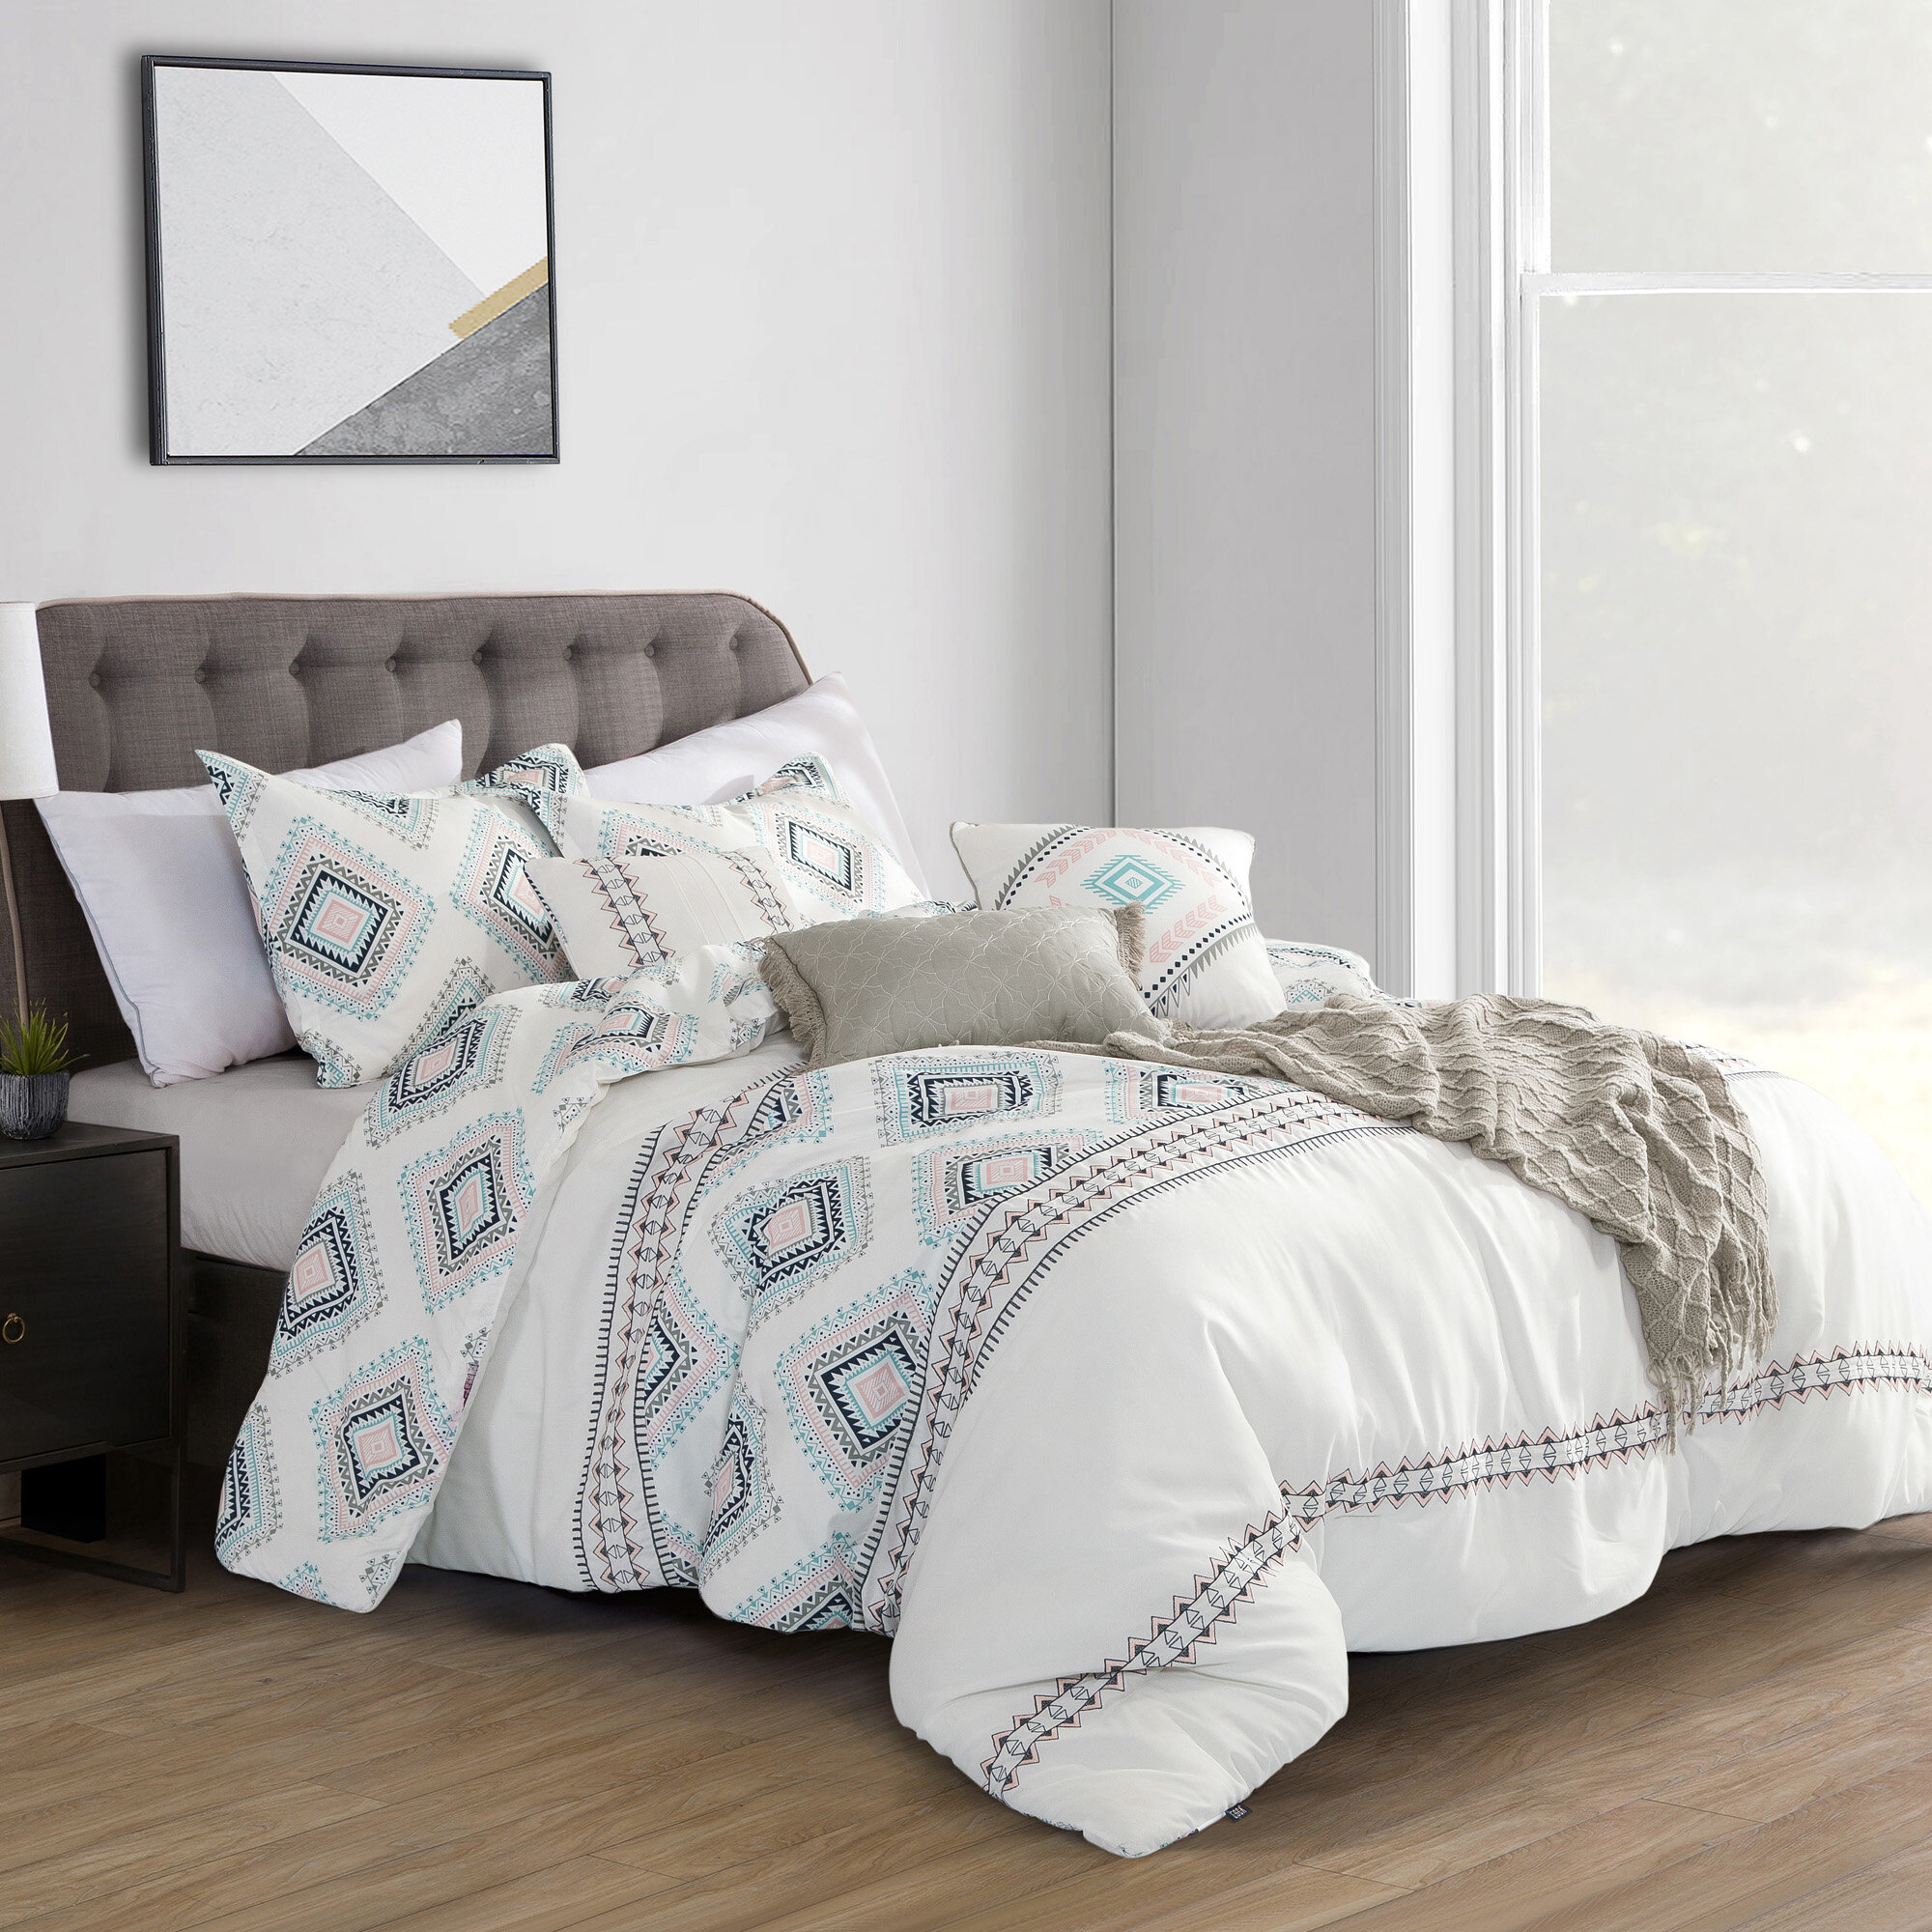 Union Rustic Jemma Union Rustic Comforter Set Wayfair